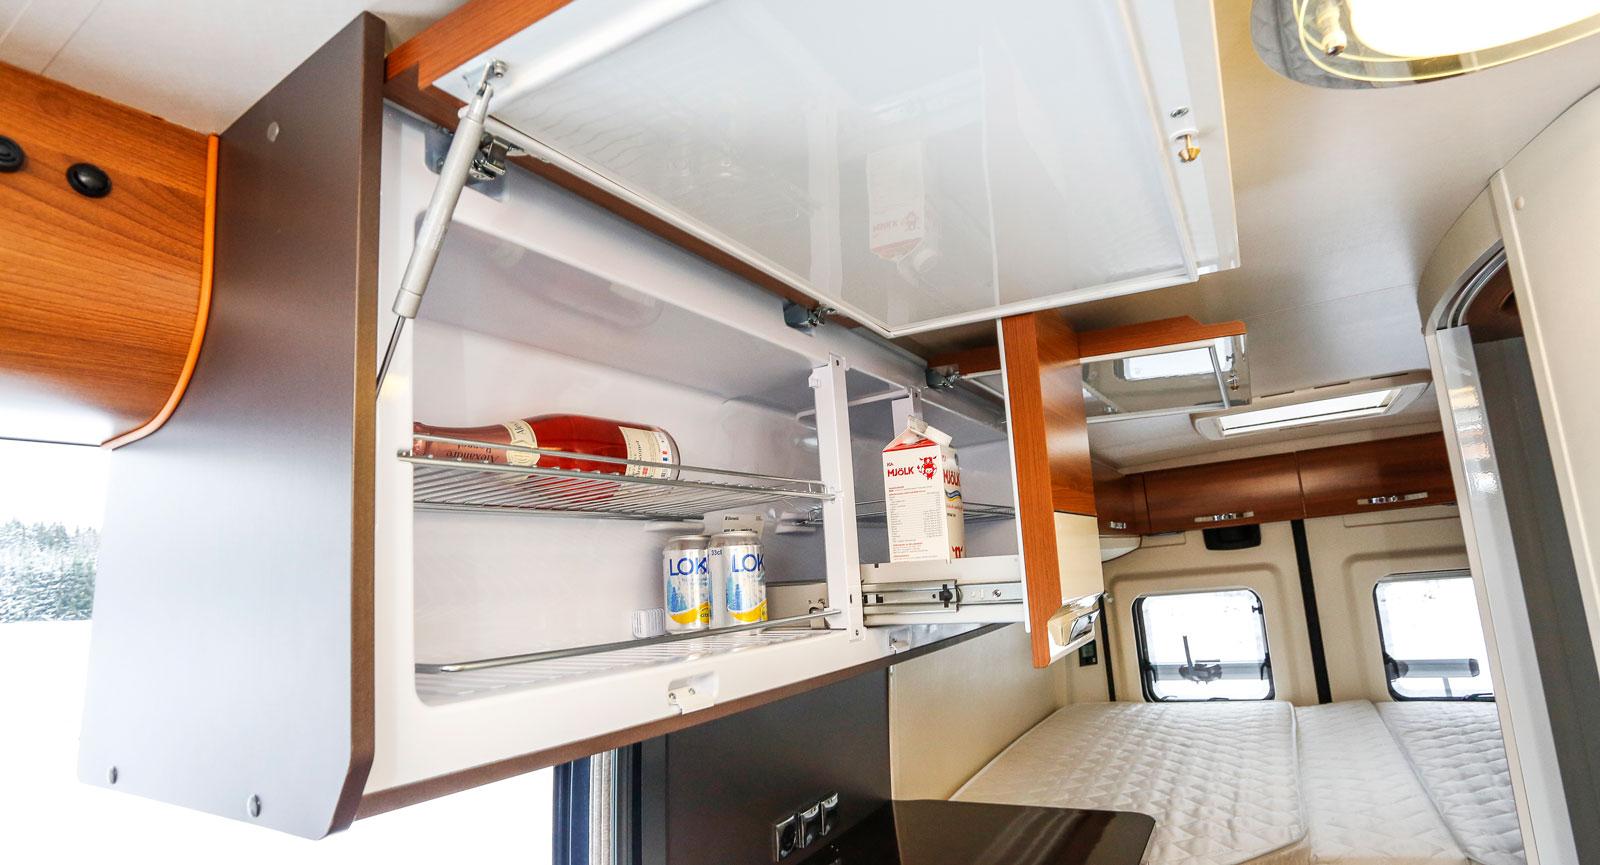 Den höga placeringen av kylskåpet gör det bekvämt att nå kylvarorna.